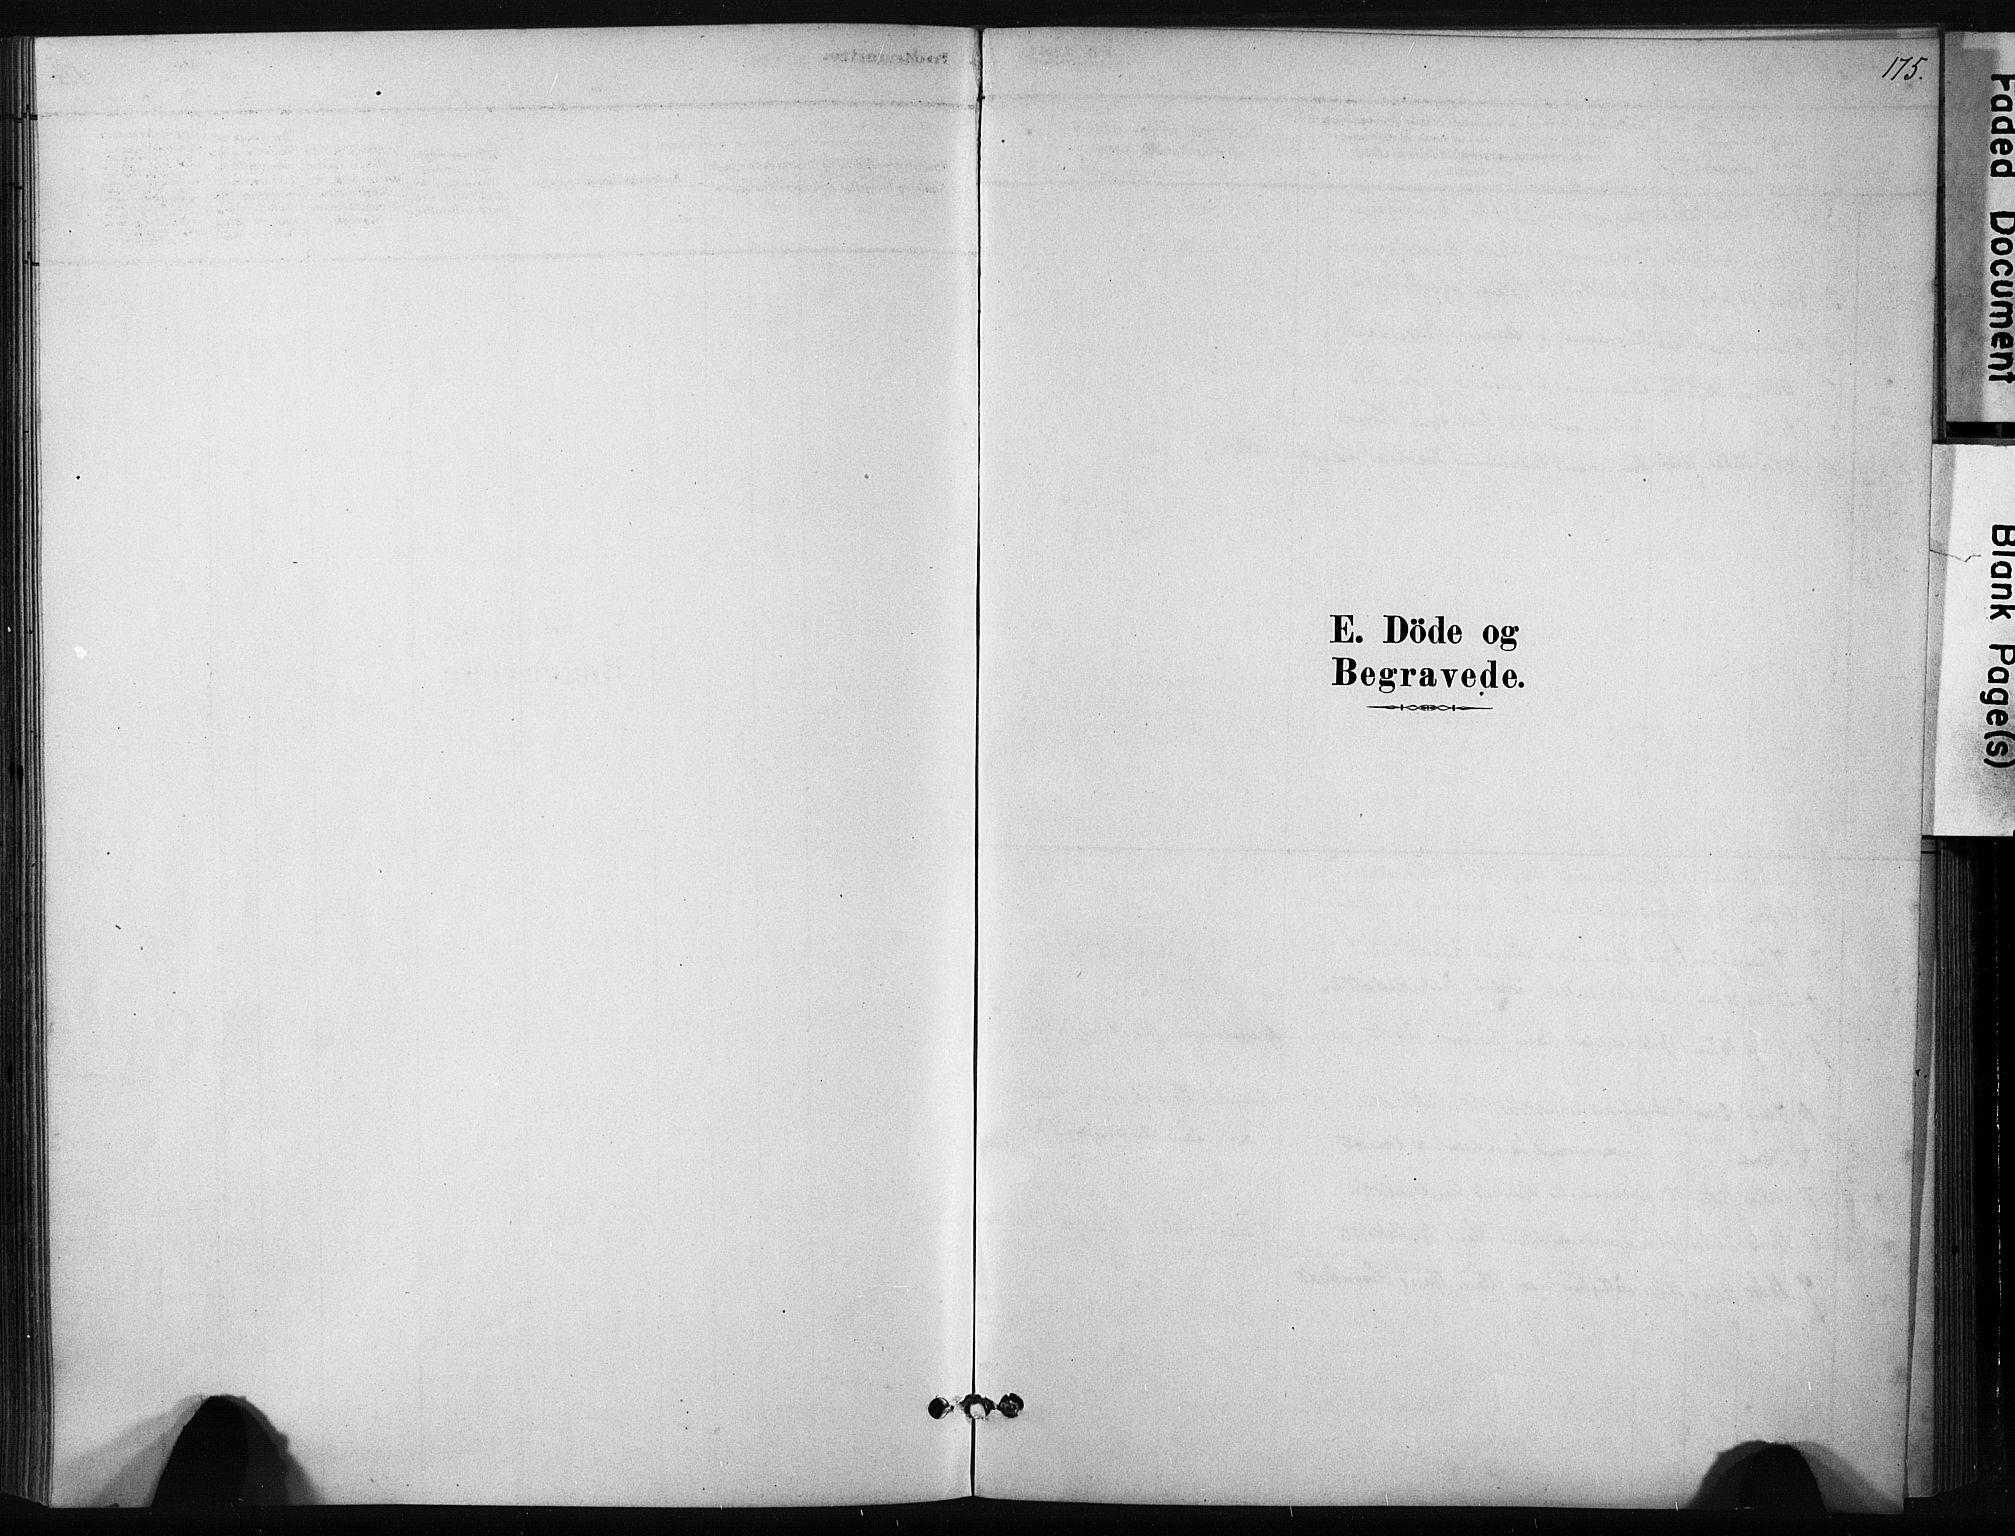 SAT, Ministerialprotokoller, klokkerbøker og fødselsregistre - Sør-Trøndelag, 631/L0512: Ministerialbok nr. 631A01, 1879-1912, s. 175